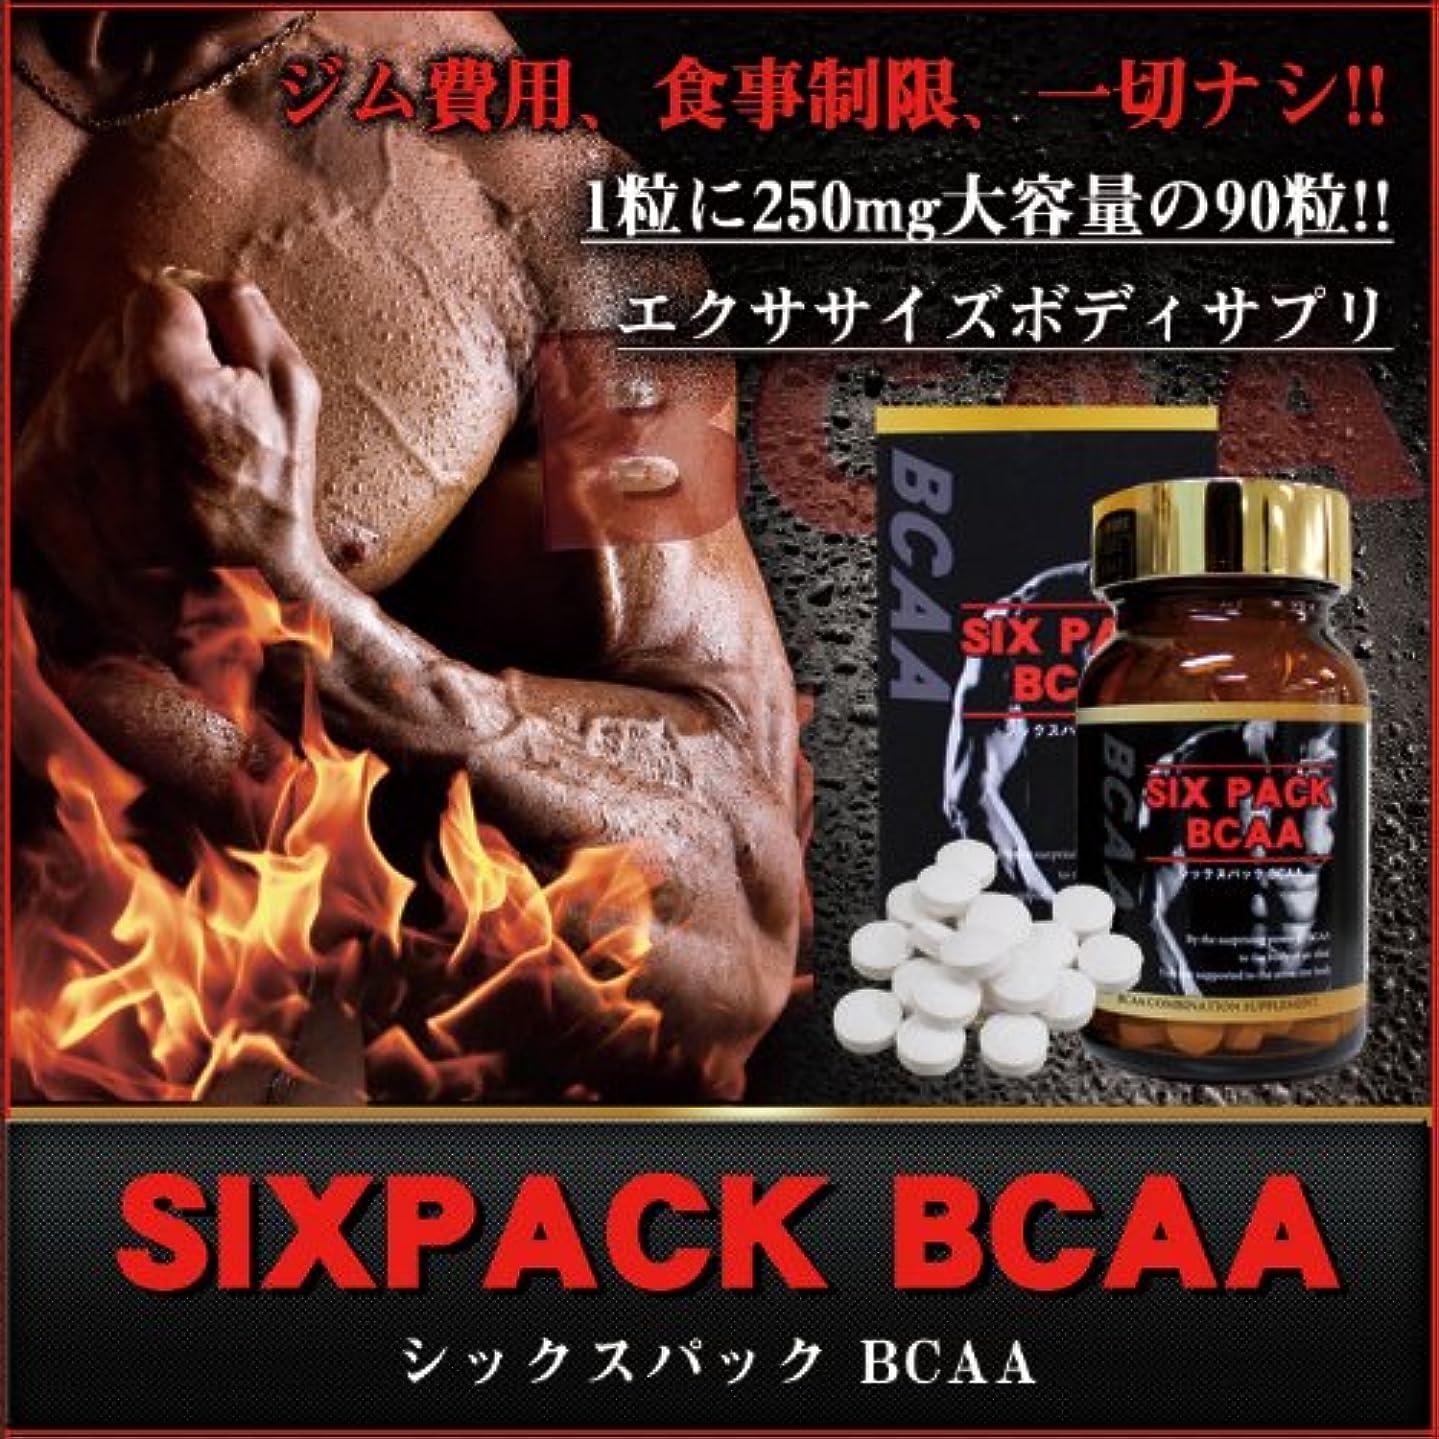 パリティ出撃者飼いならすシックスパックBCAA (バリン+ロイシン+イソロイシン配合エクササイズボディサプリ)